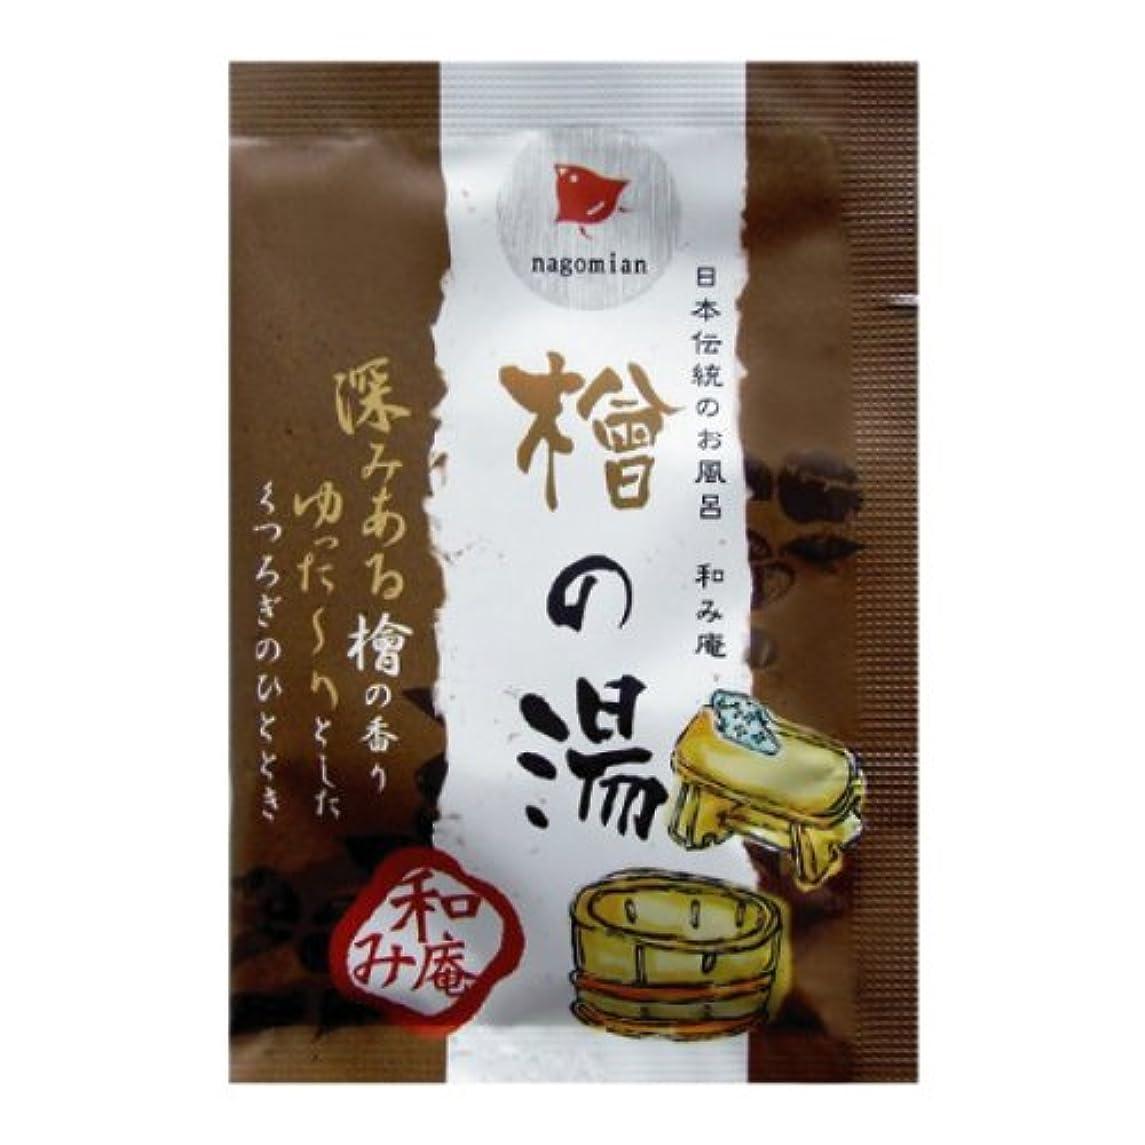 視聴者マーチャンダイザー薄暗い日本伝統のお風呂 和み庵 檜の湯 200包